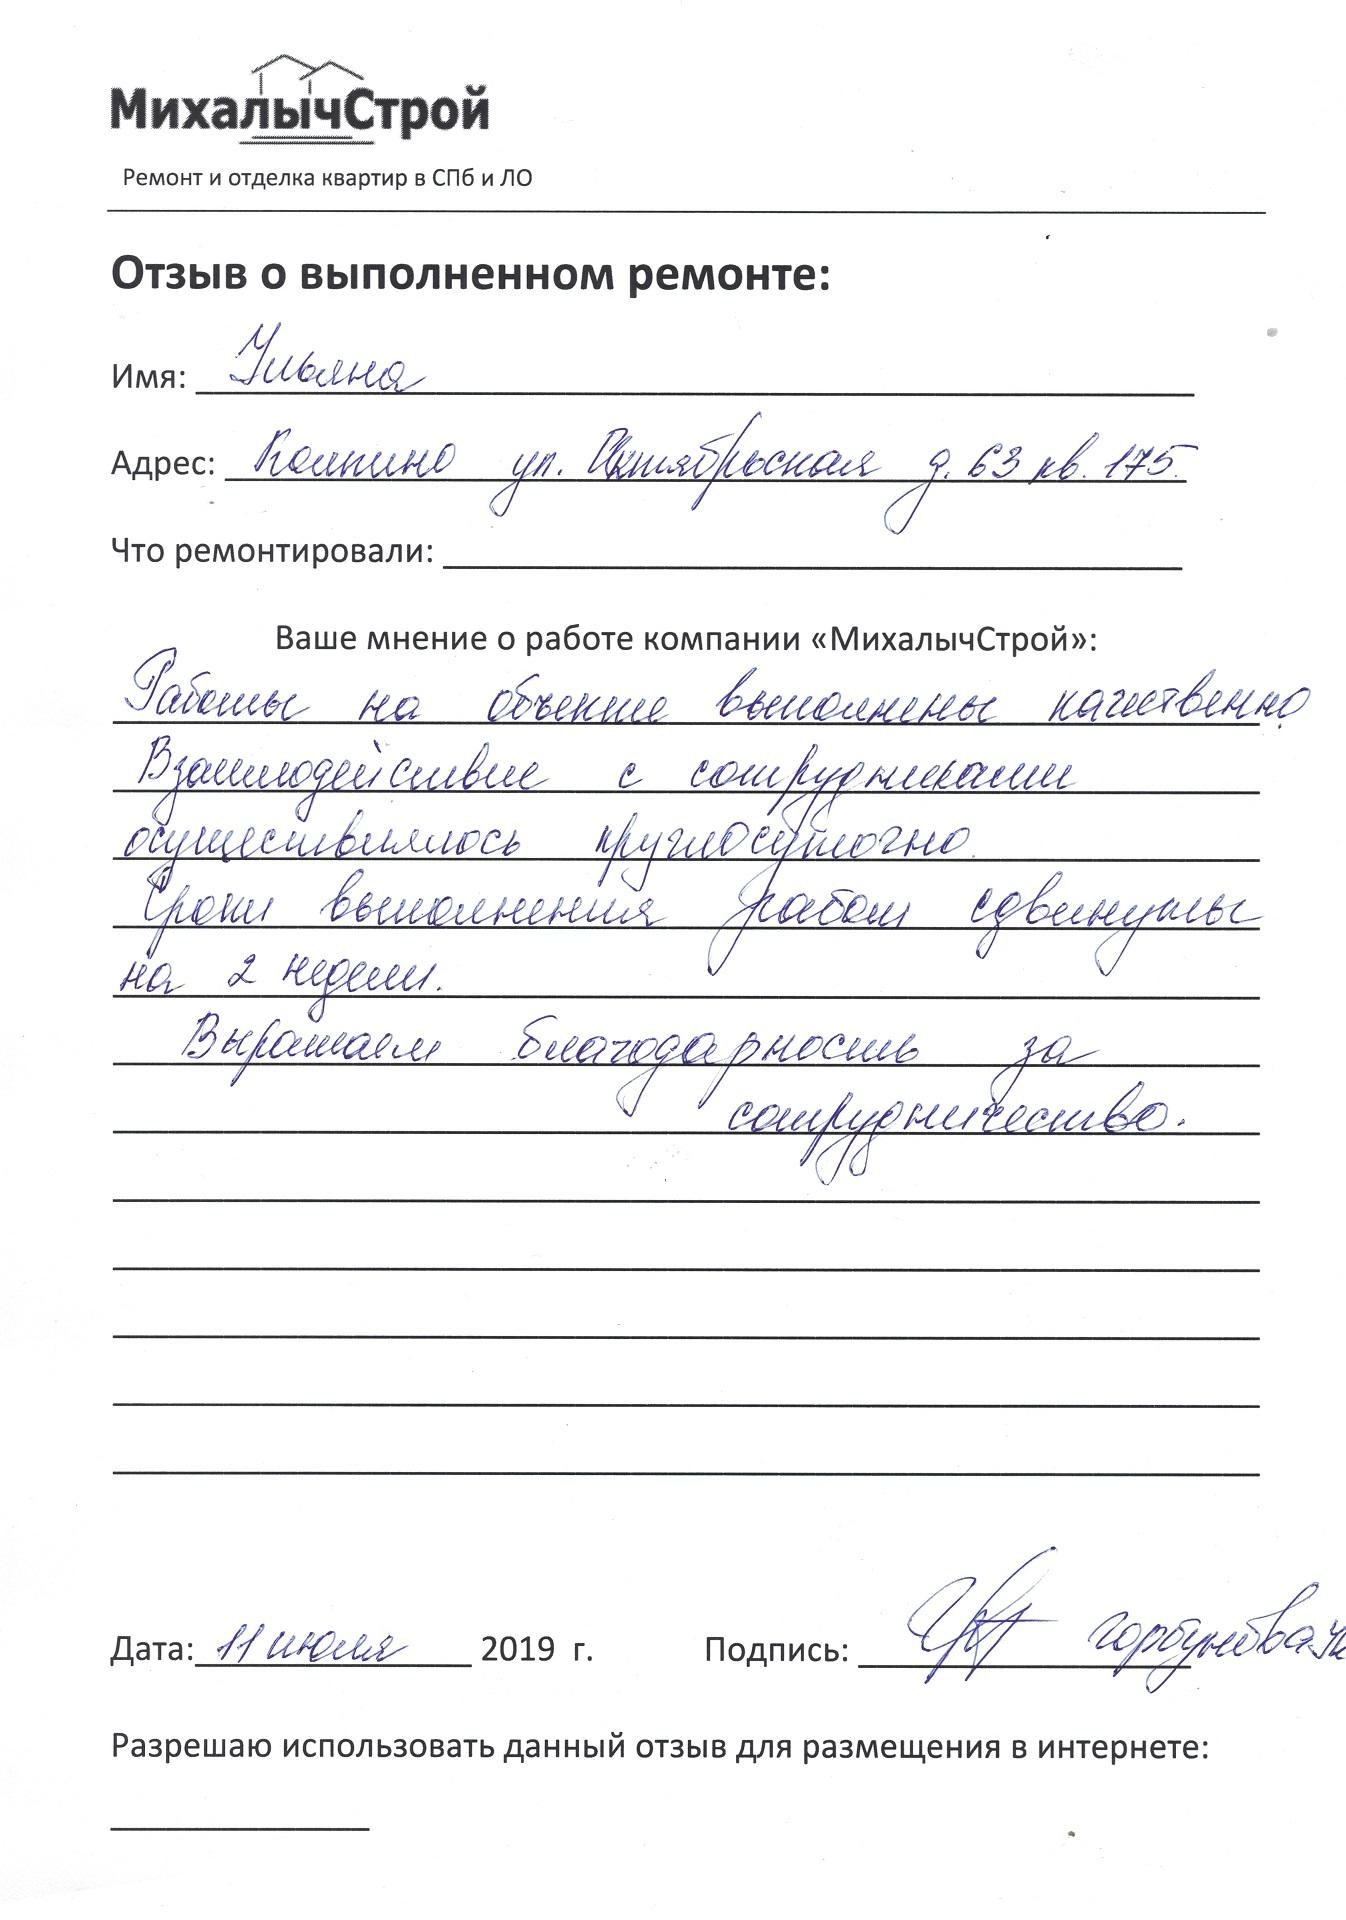 Москва ремонт 1 комнатной квартиры